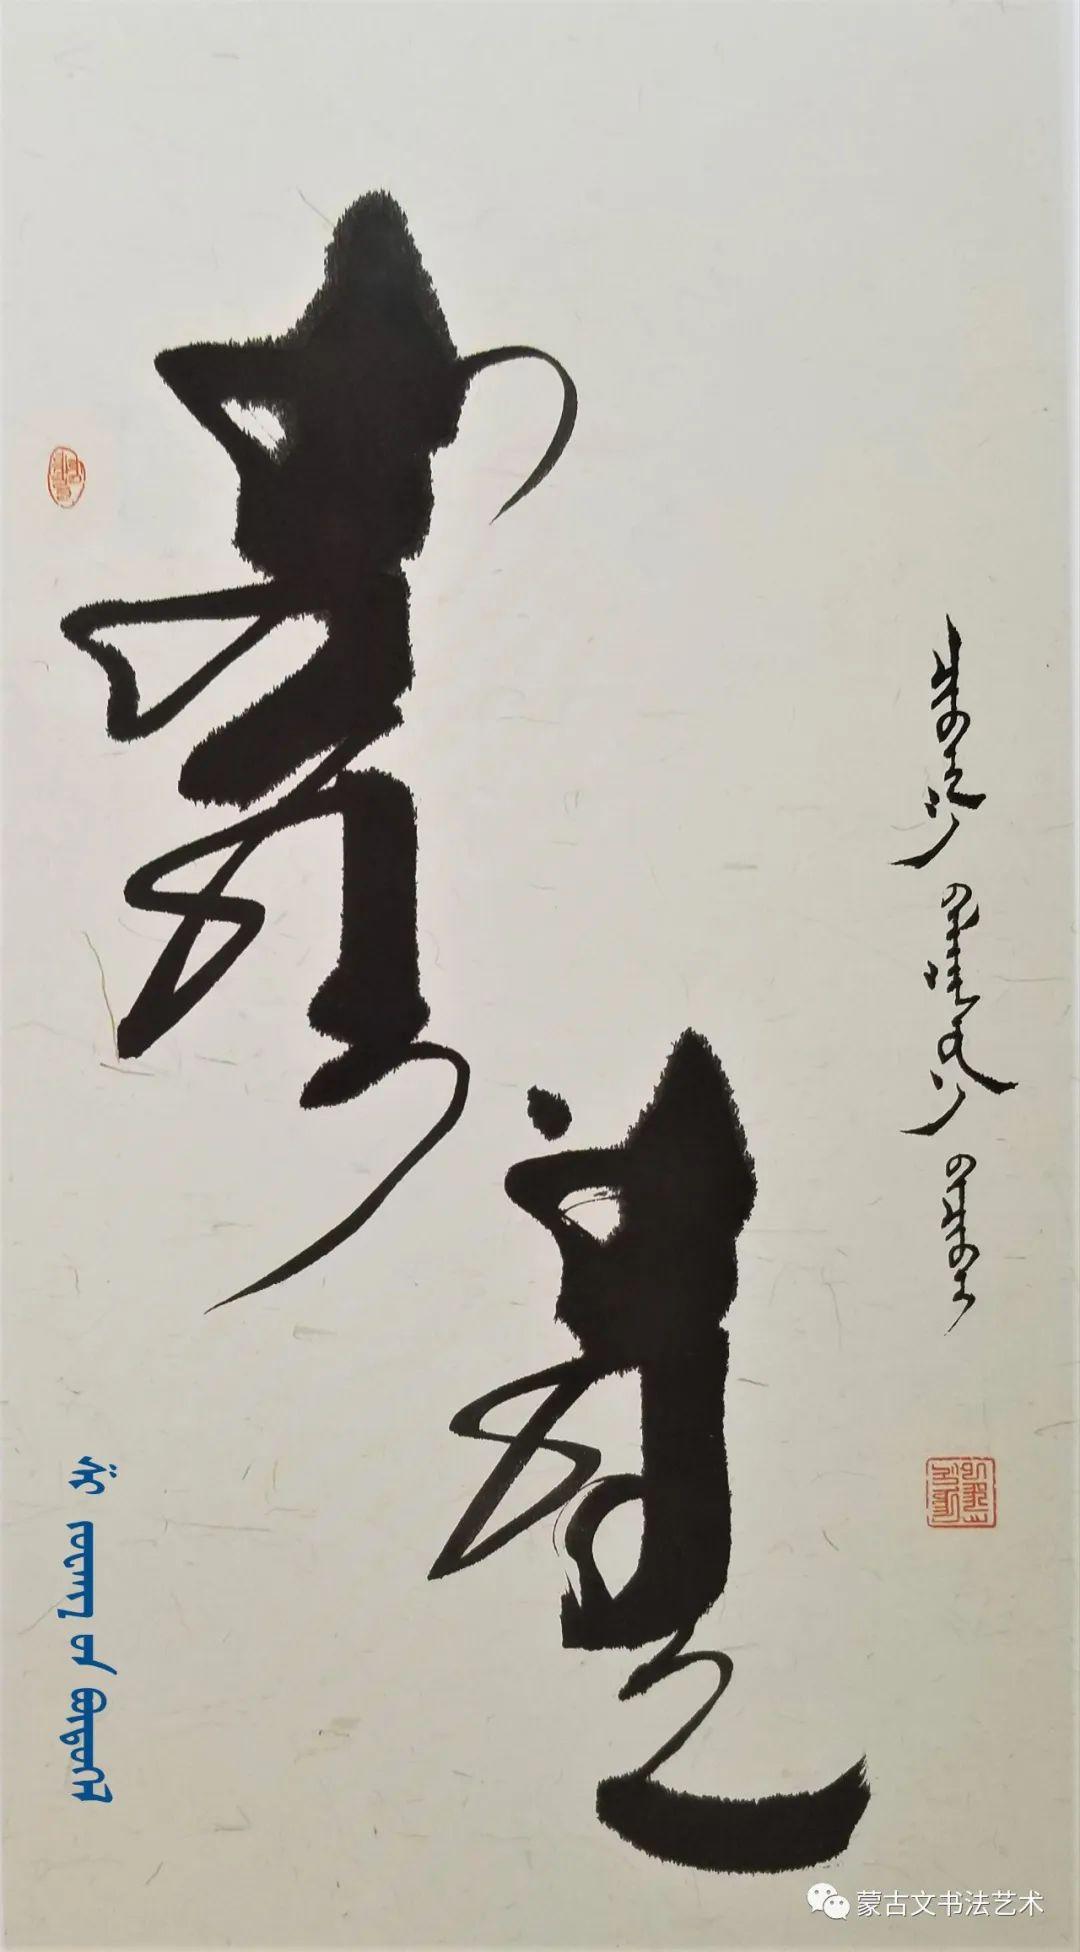 【书法书籍】《墨香书法集》 第4张